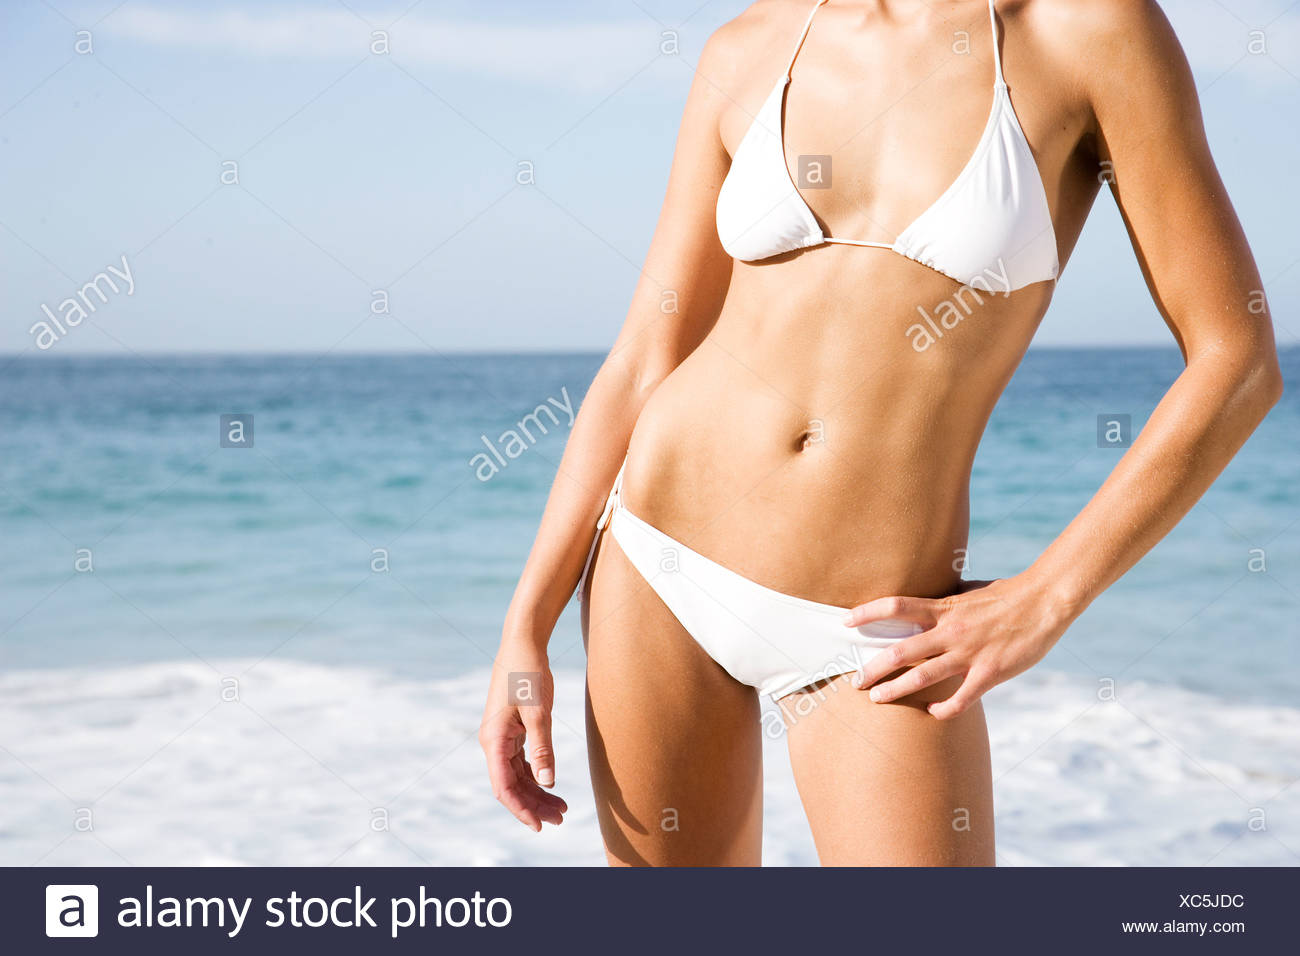 A young woman on the beach in bikini - Stock Image